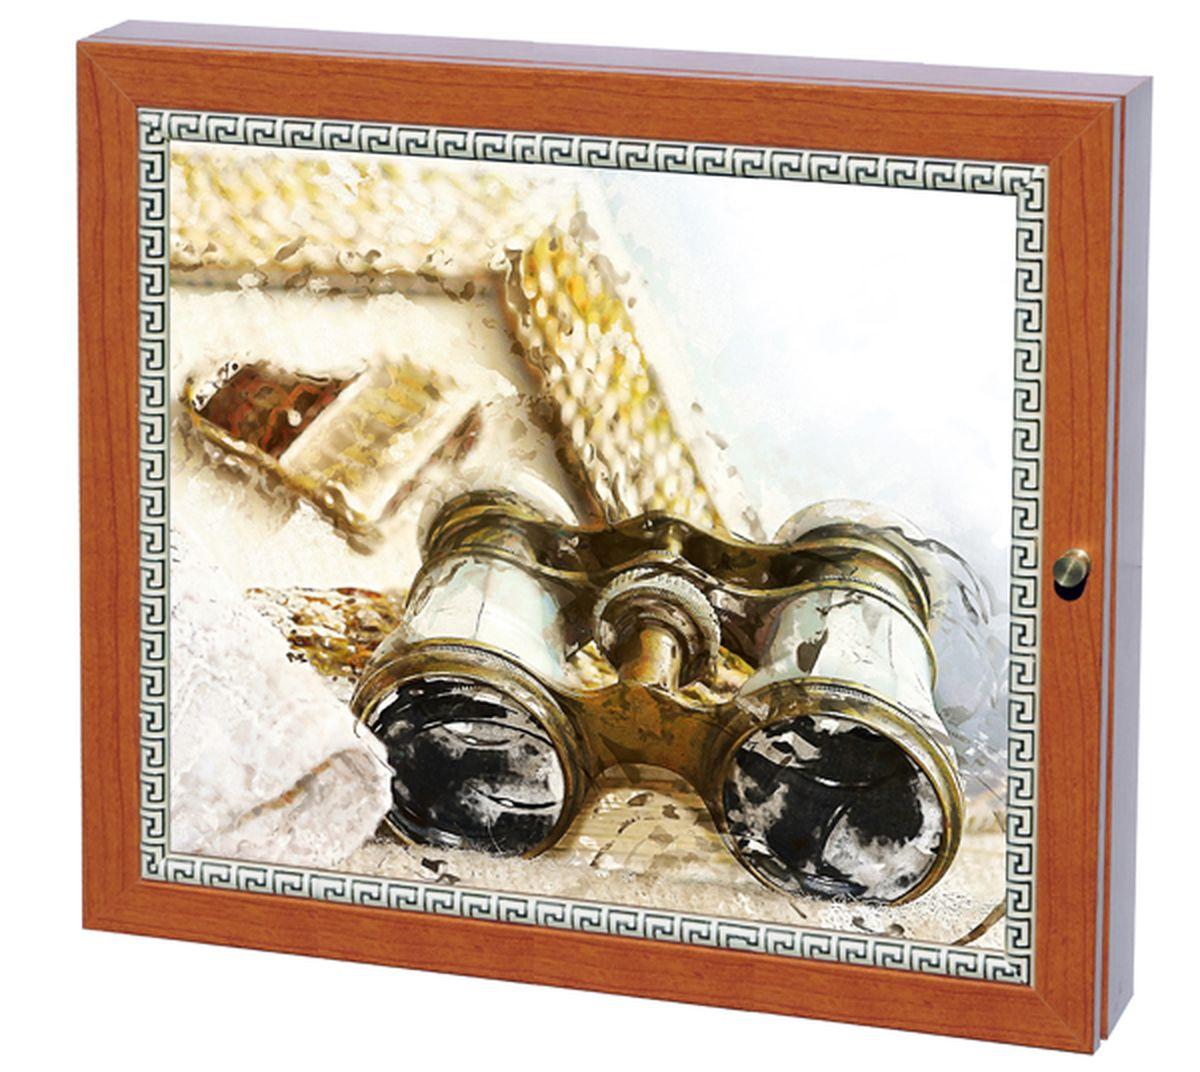 Вешалка-ключница Milarte Фэй, 25 х 30 х 5,5 см. KFV-116012KFV-116012Вешалка-ключница Milarte Фэй, выполненная из МДФ, украсит интерьер помещения, а также поможет создать атмосферу уюта. Ключница, декорированная оригинальным изображением, станет не только украшением вашего дома, но и послужит функционально. Она представляет собой ящичек, внутри которого предусмотрено 9 металлических крючков для ключей в два ряда. Дверца фиксируется к корпусу на крючок. Вешалка-ключница подвешивается на стену, крепежные элементы входят в комплект.Размер изображения: 24 х 19 см.